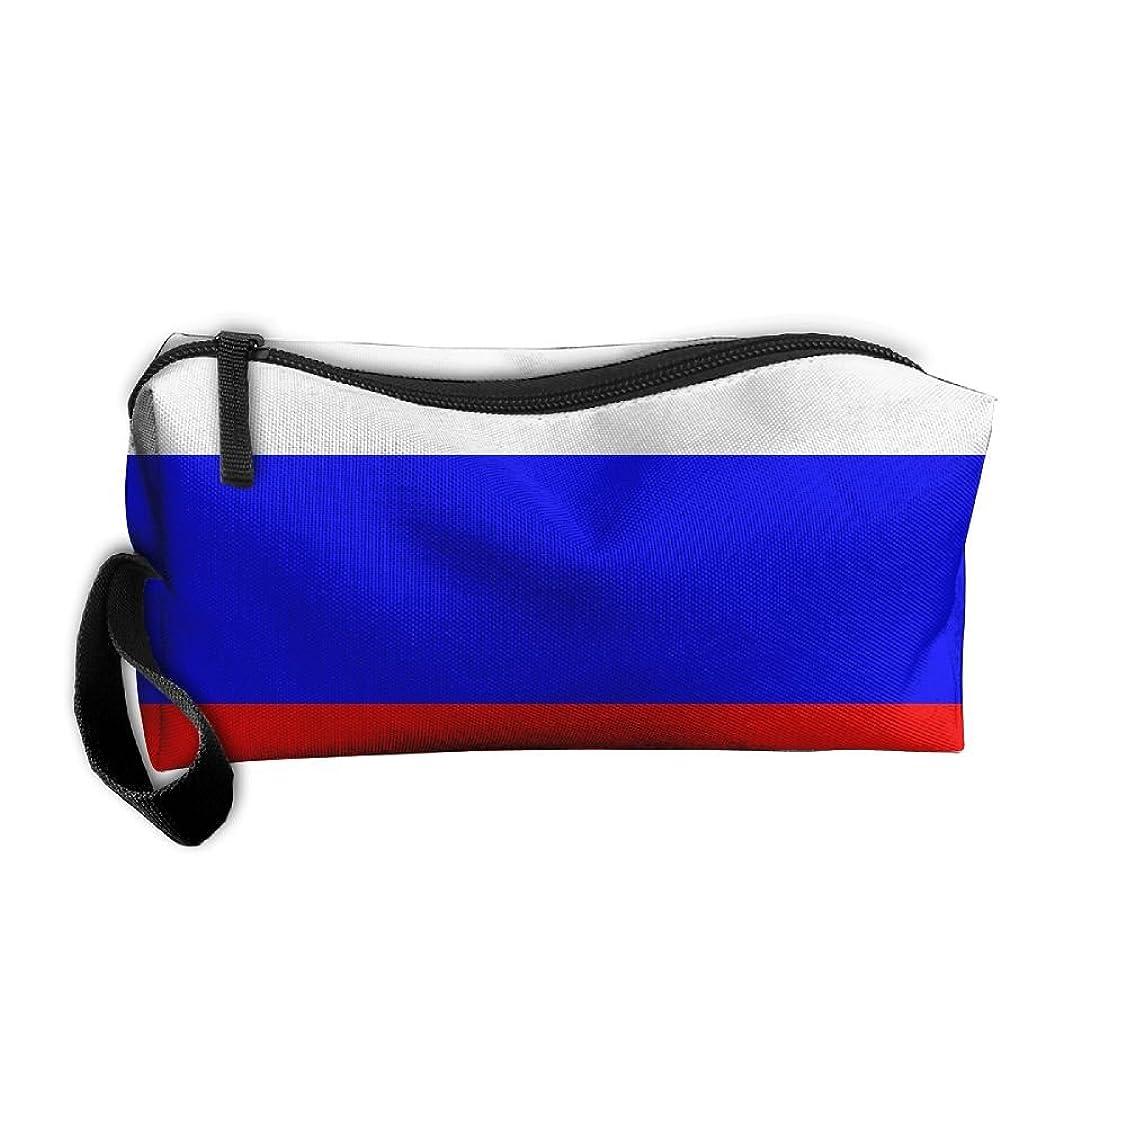 軽減する粘液グローロシアの旗 化粧ポーチ 収納ポーチ コスメポーチ ペンケース ペンポーチ 小物入れ トラベルポーチ 軽量 防水 携帯用